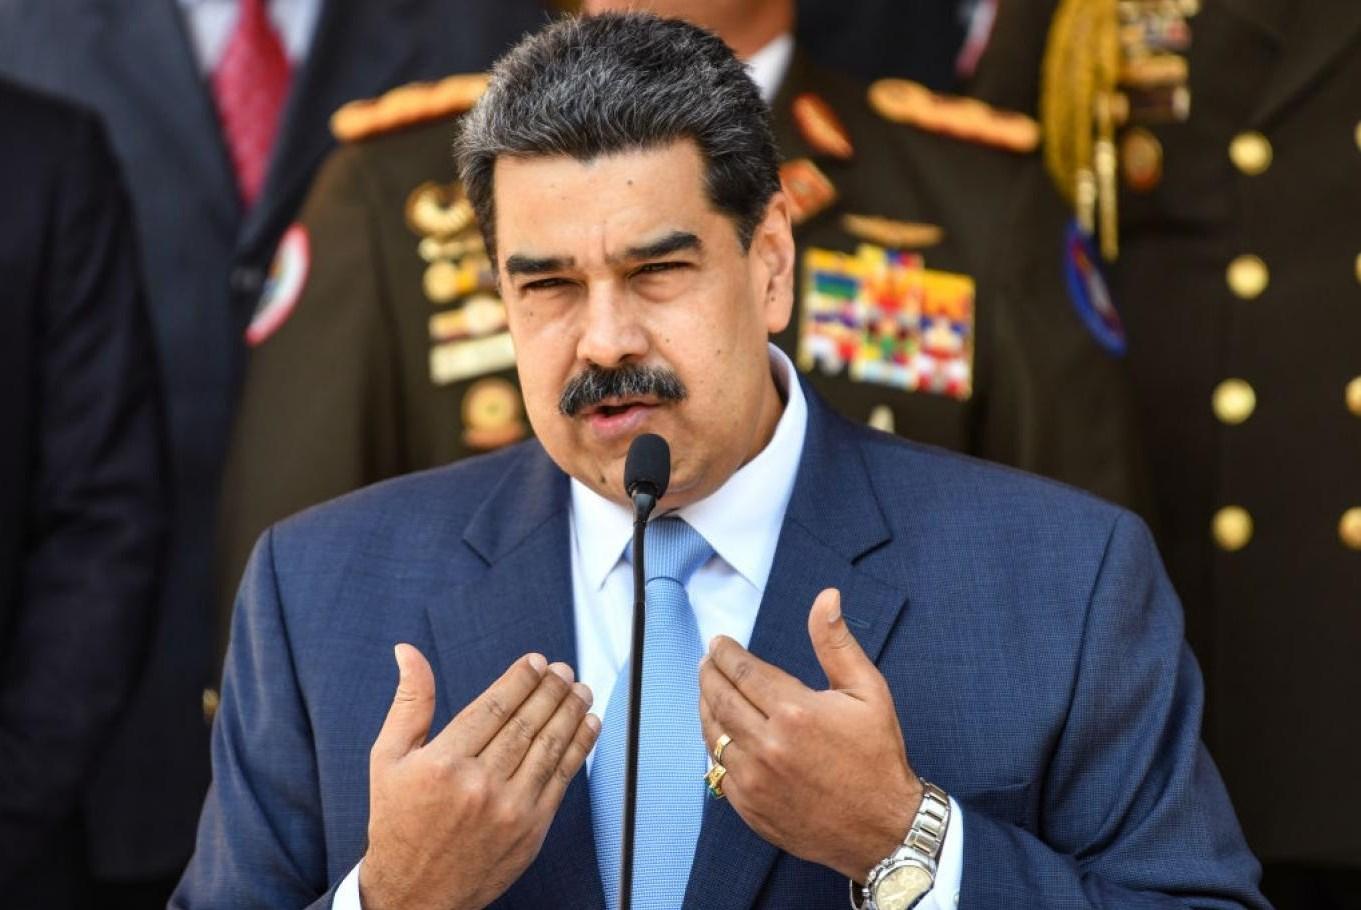 فنزويلا: هجوم جديد على مصنع للبتروكيماويات ومادورو يتهم كولومبيا وأميركا